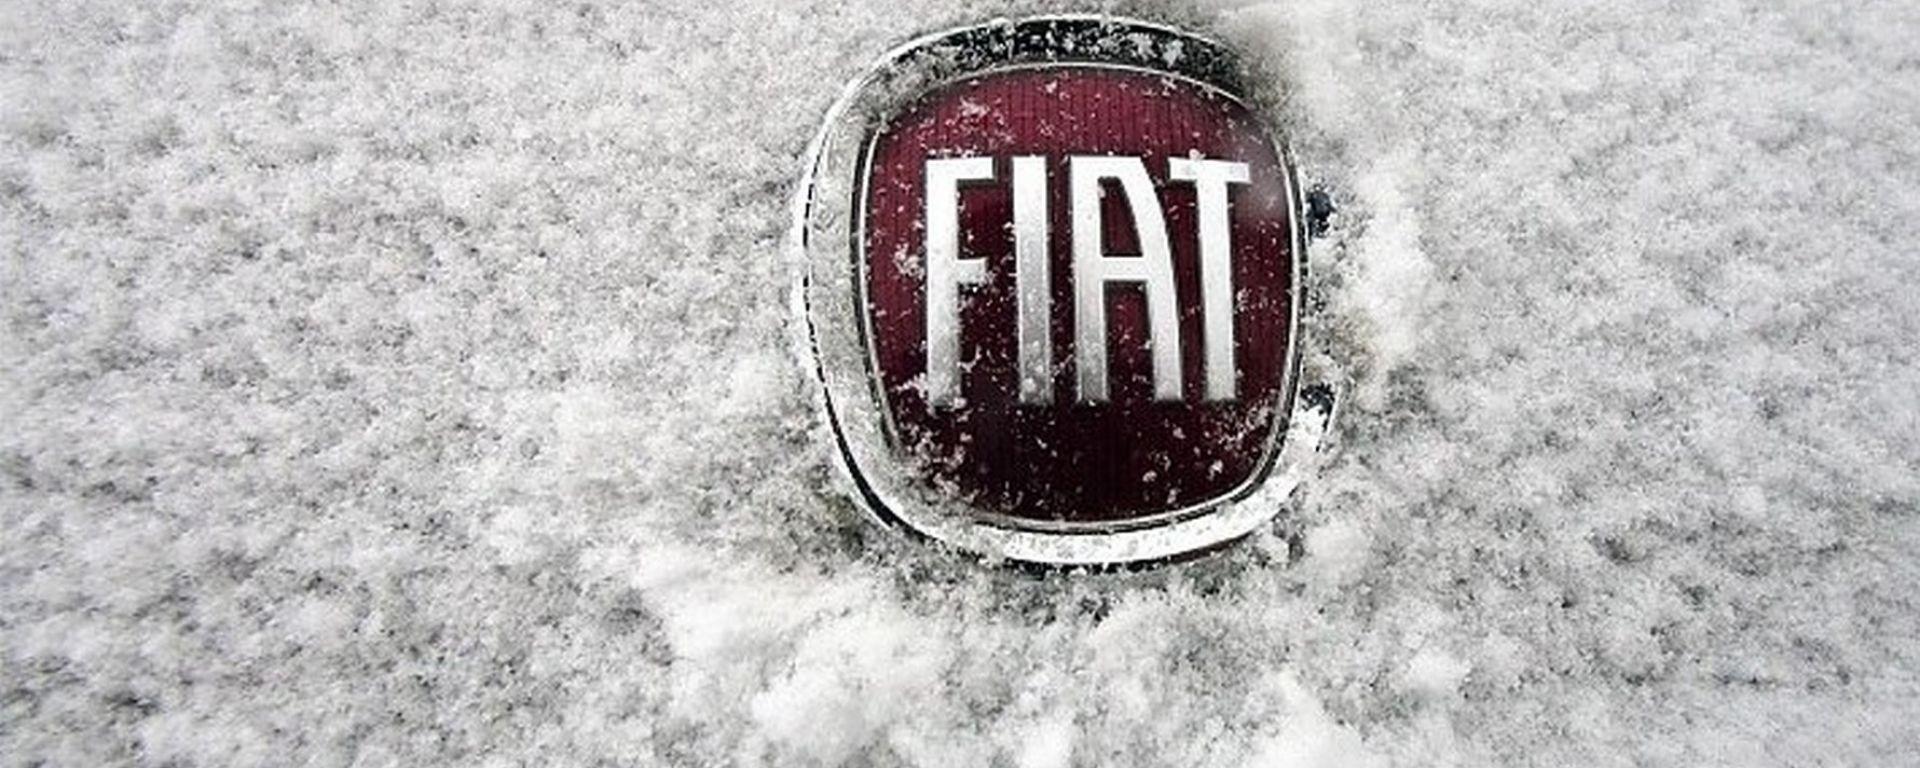 Fiat, un marchio che rischia di morire di freddo